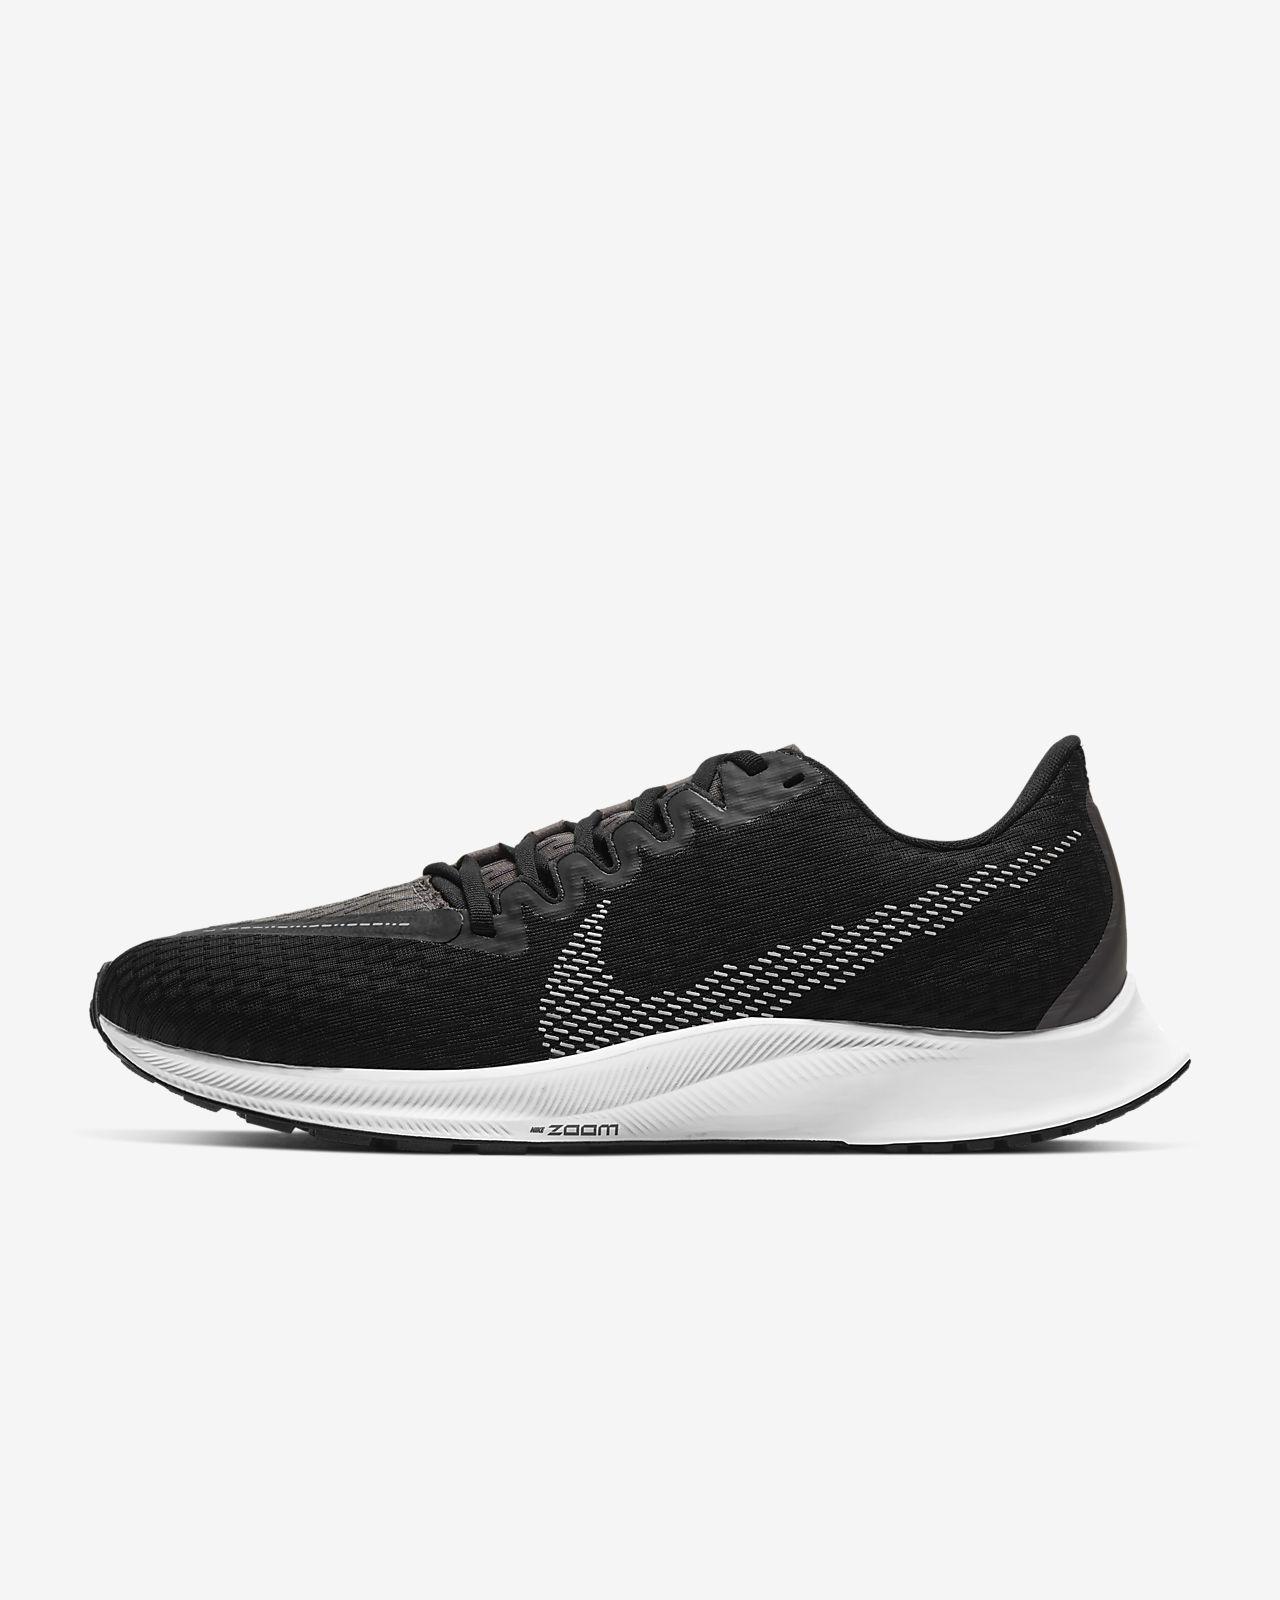 Damskie buty do biegania Nike Zoom Rival Fly 2